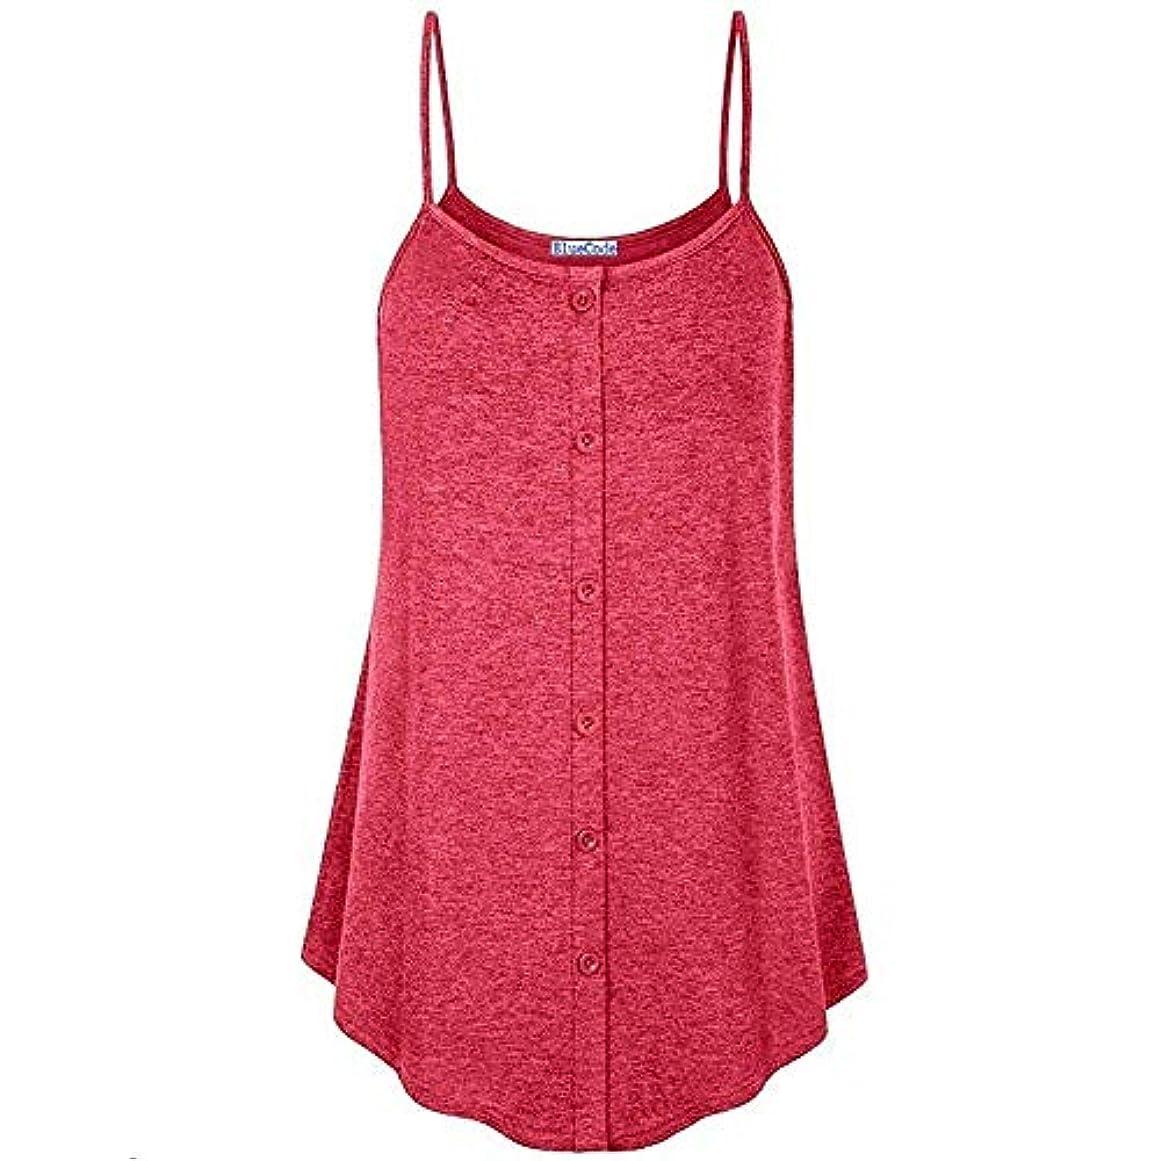 空洞電気的札入れMIFANコットンTシャツソリッドカラースリングシャツビーチウェアOネックボタンステッチキャミソールタンクトップ